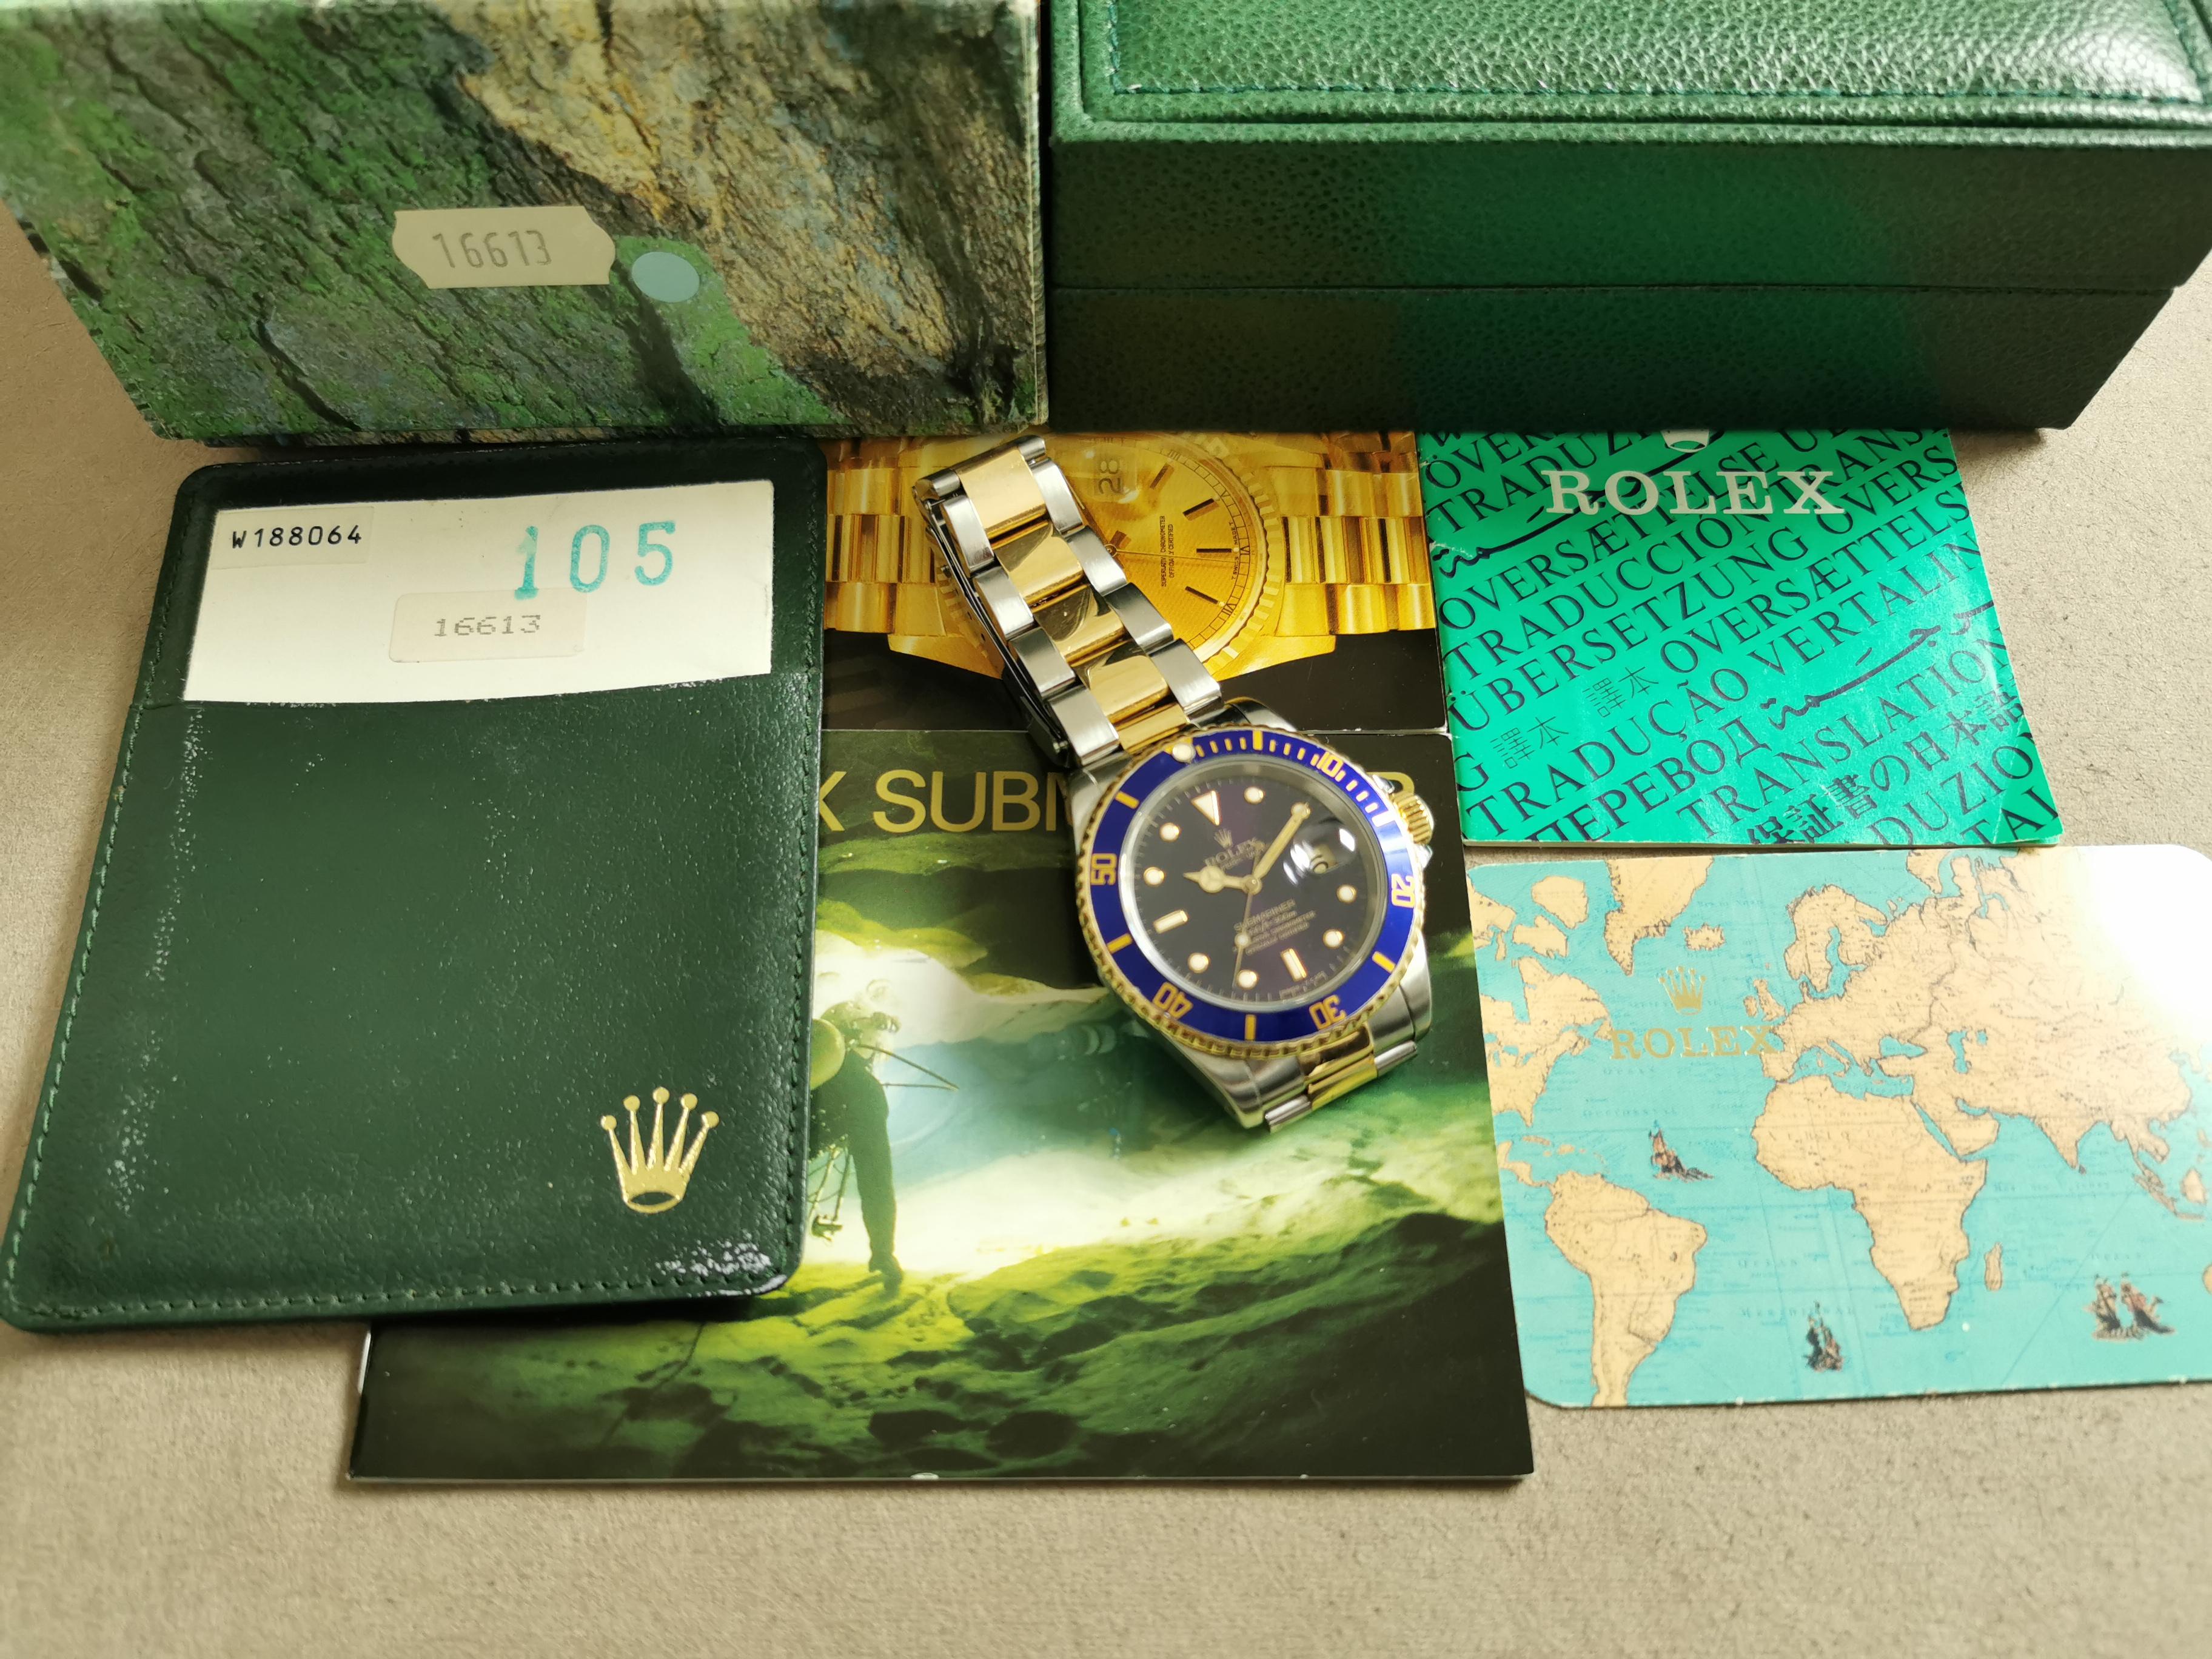 Rolex Submariner Submariner Date 16613 blu dial full set 1995   San Giorgio a Cremano